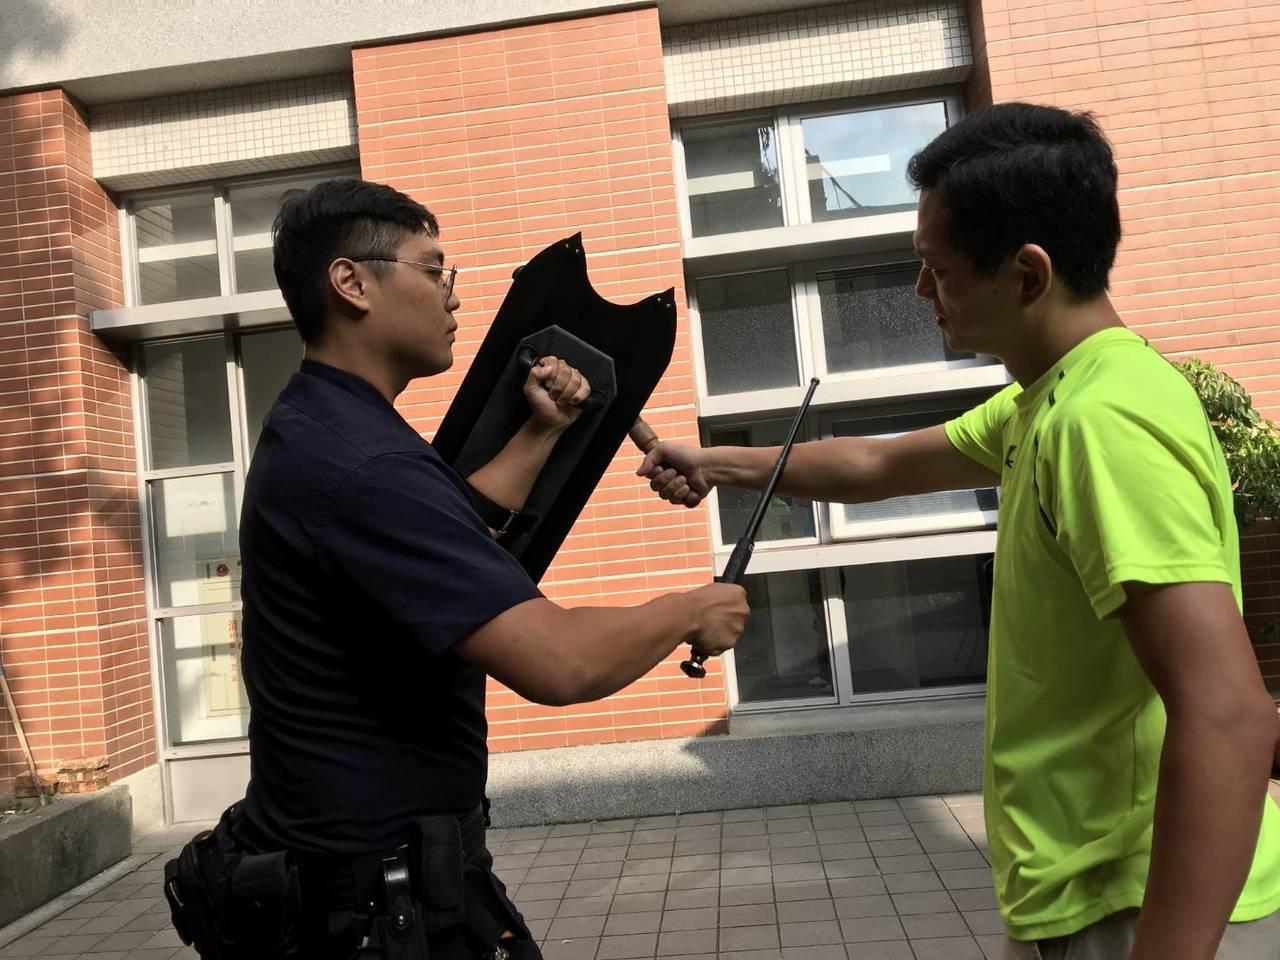 基隆市警二分局獲贈防暴臂盾,有助提升員警維護治安、保護自身及民眾的能力。記者邱瑞...